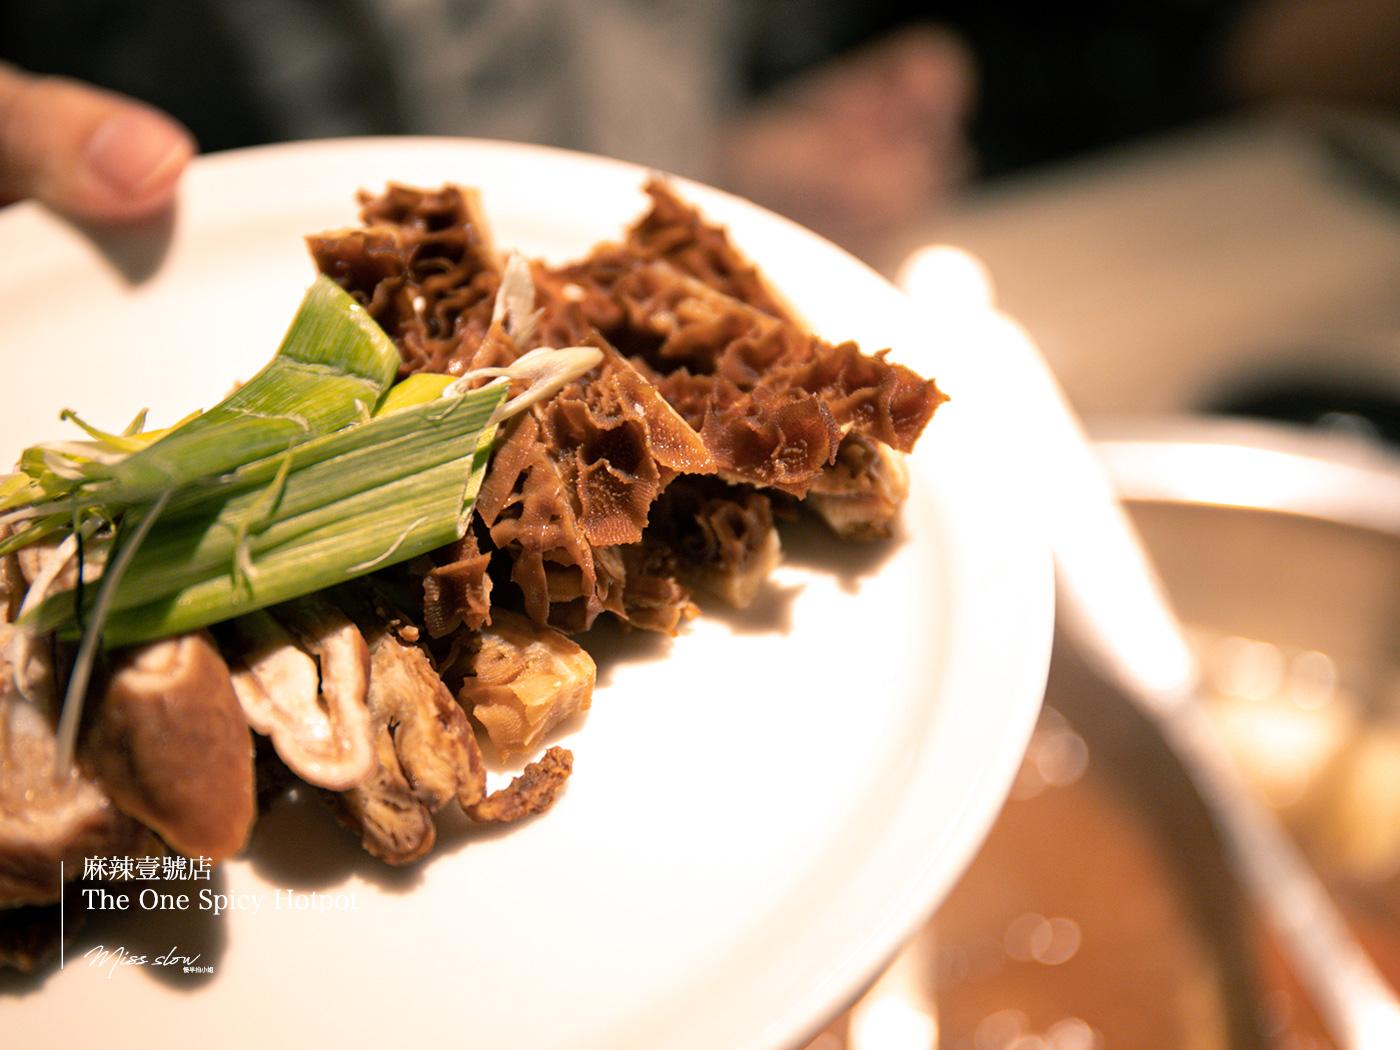 麻辣一號店湯底-蜂巢牛肚滷大腸